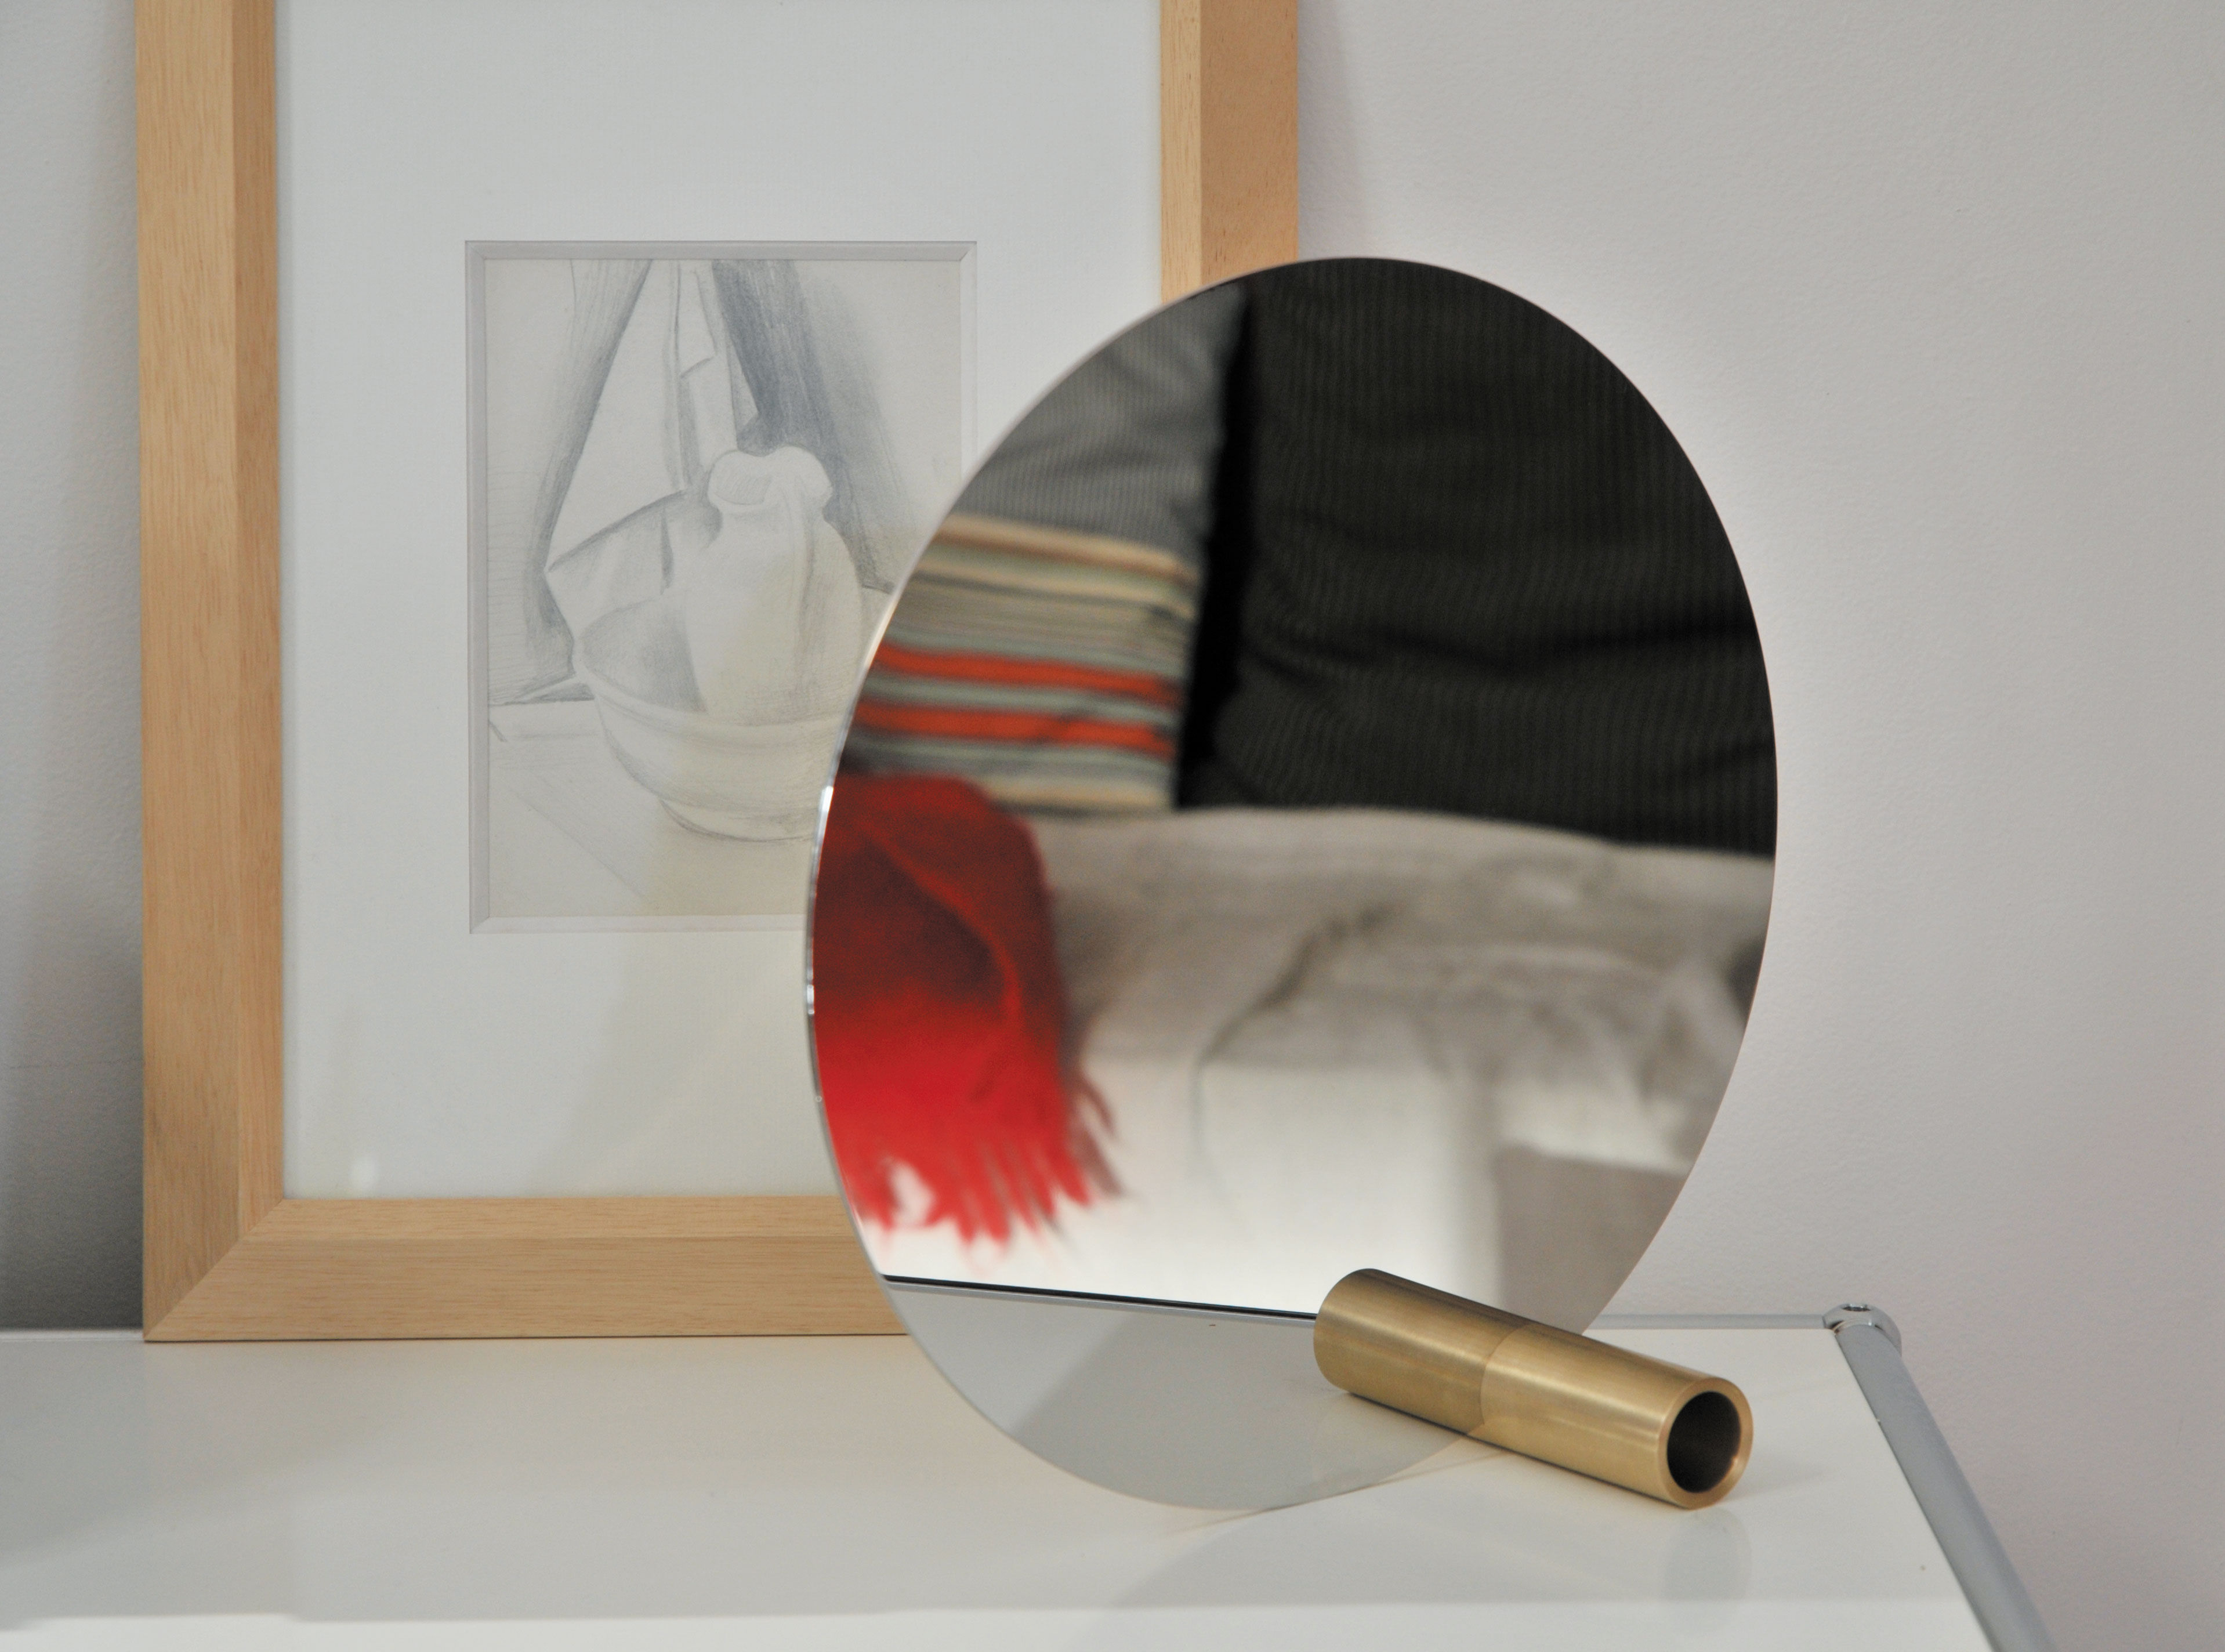 Miroir disque 30 cm miroir base laiton l 39 atelier d for Disque en miroir